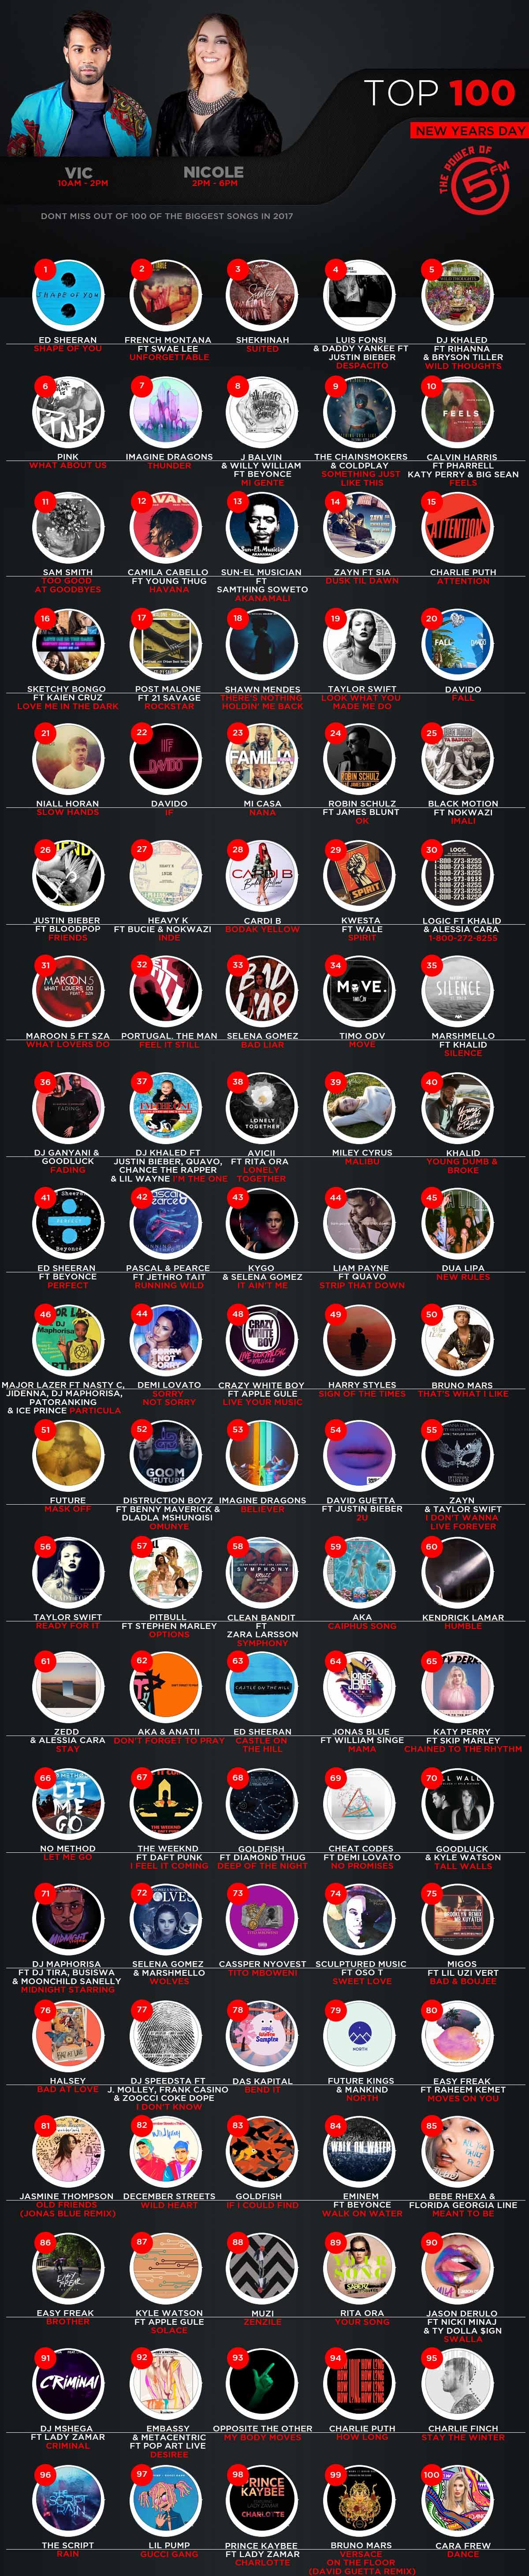 Top 100 - 5FM